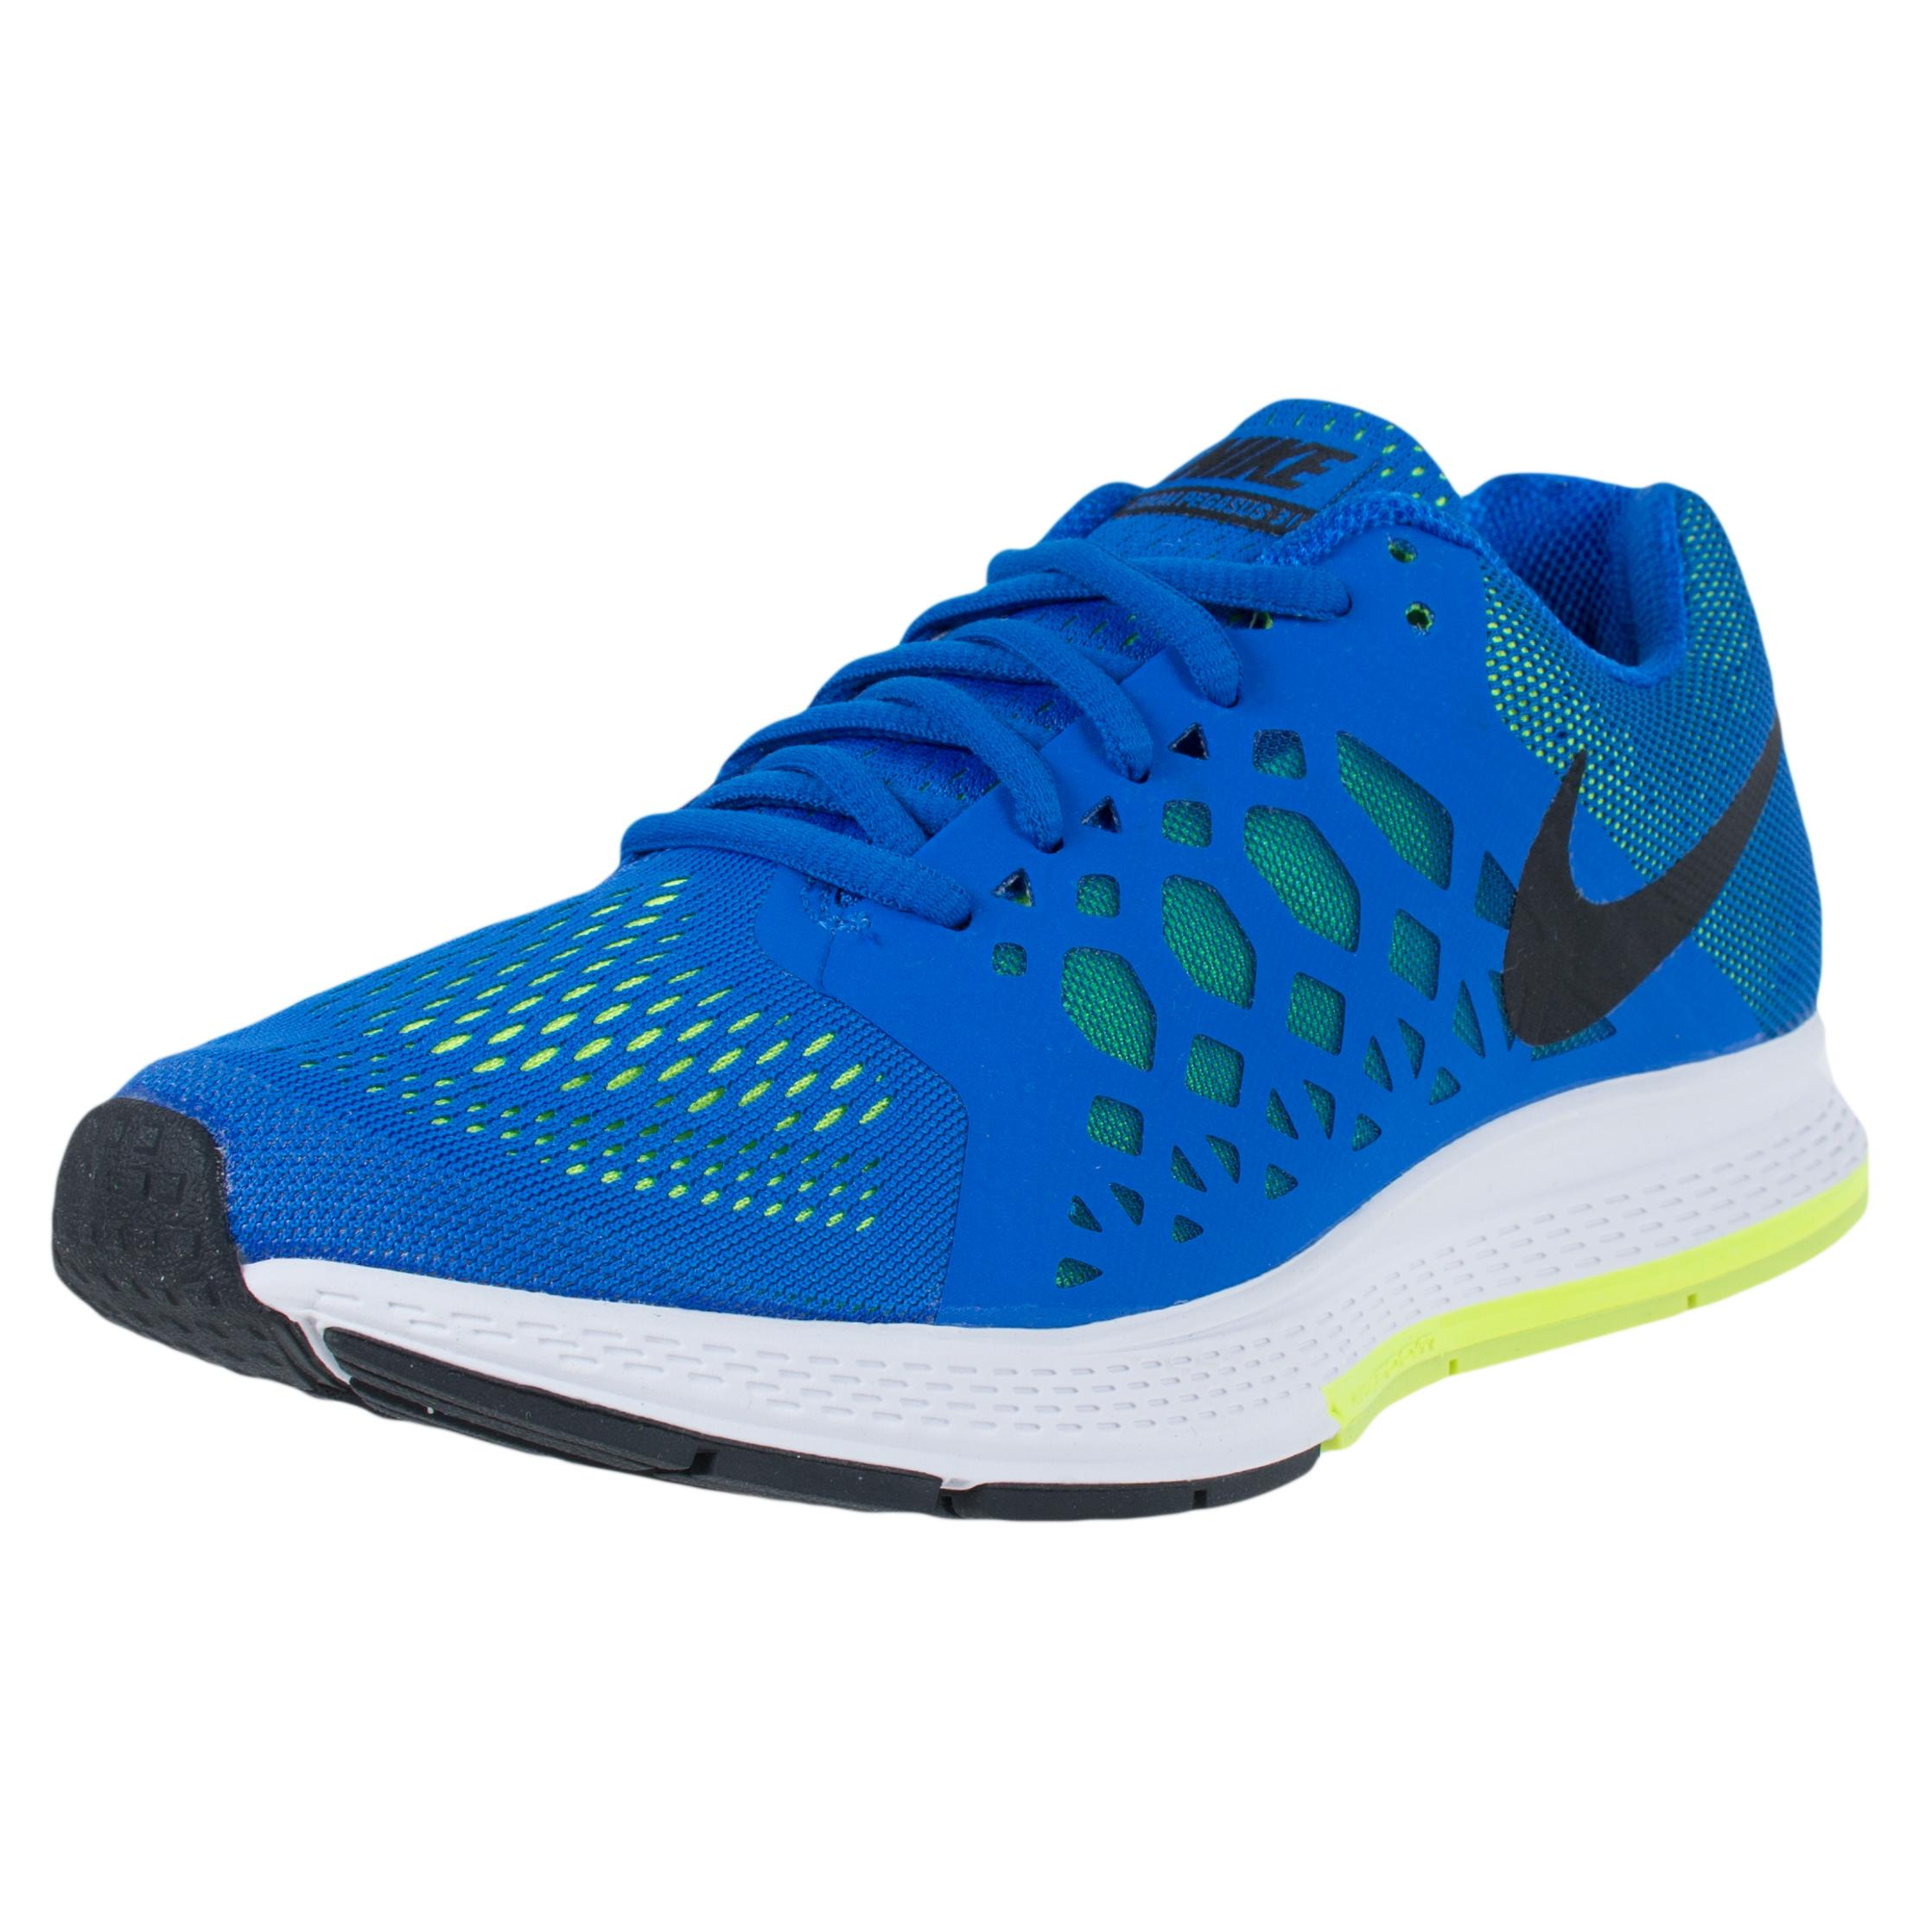 6969 sale; nike air zoom pegasus 31 running sneakers hyper cobalt black  volt 652925 400